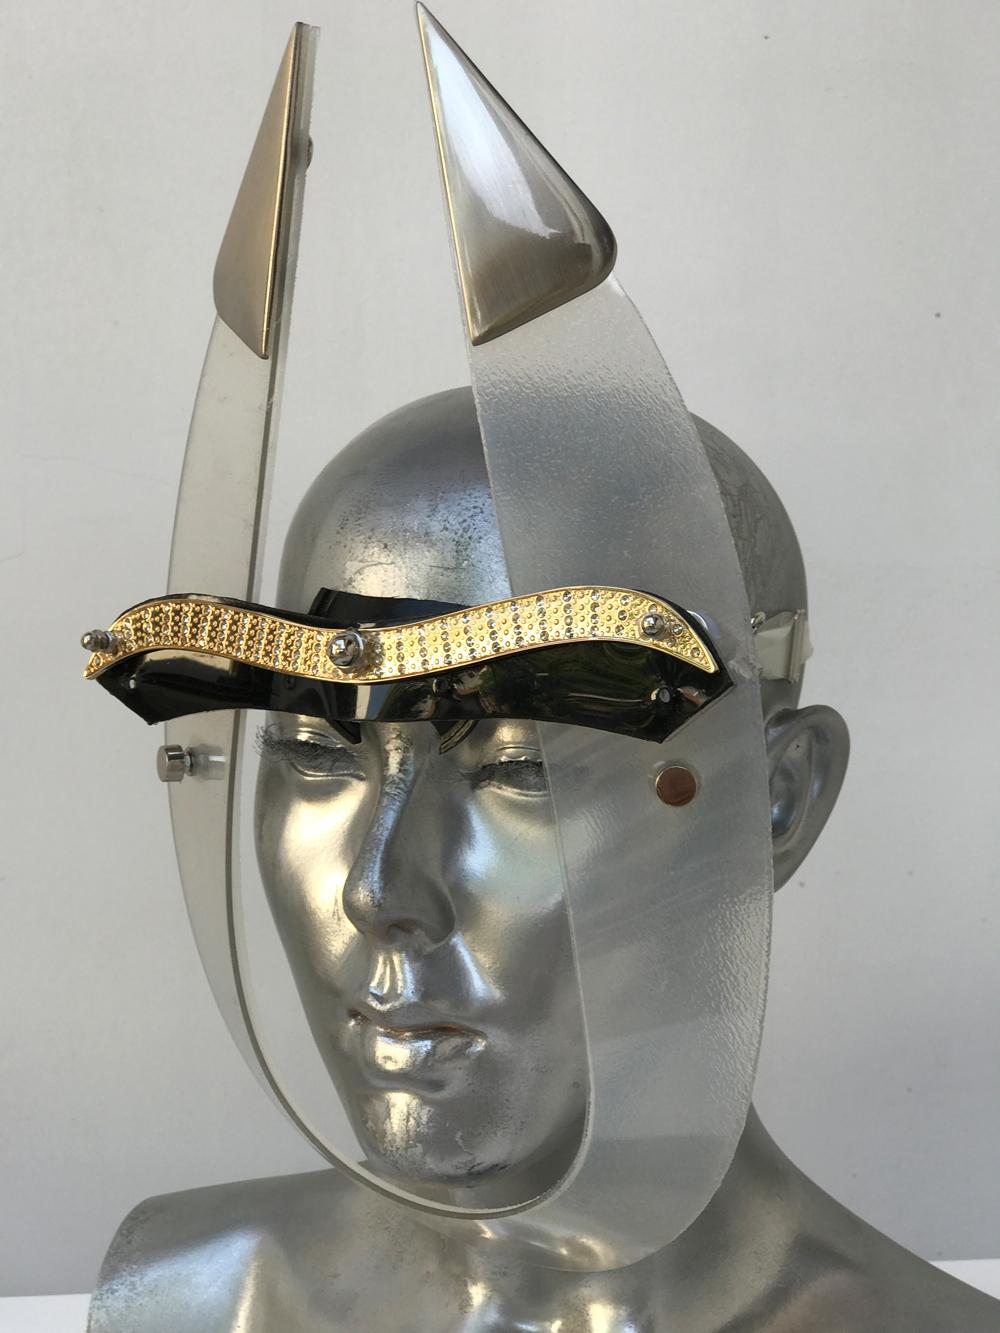 mask for Burning Man festival